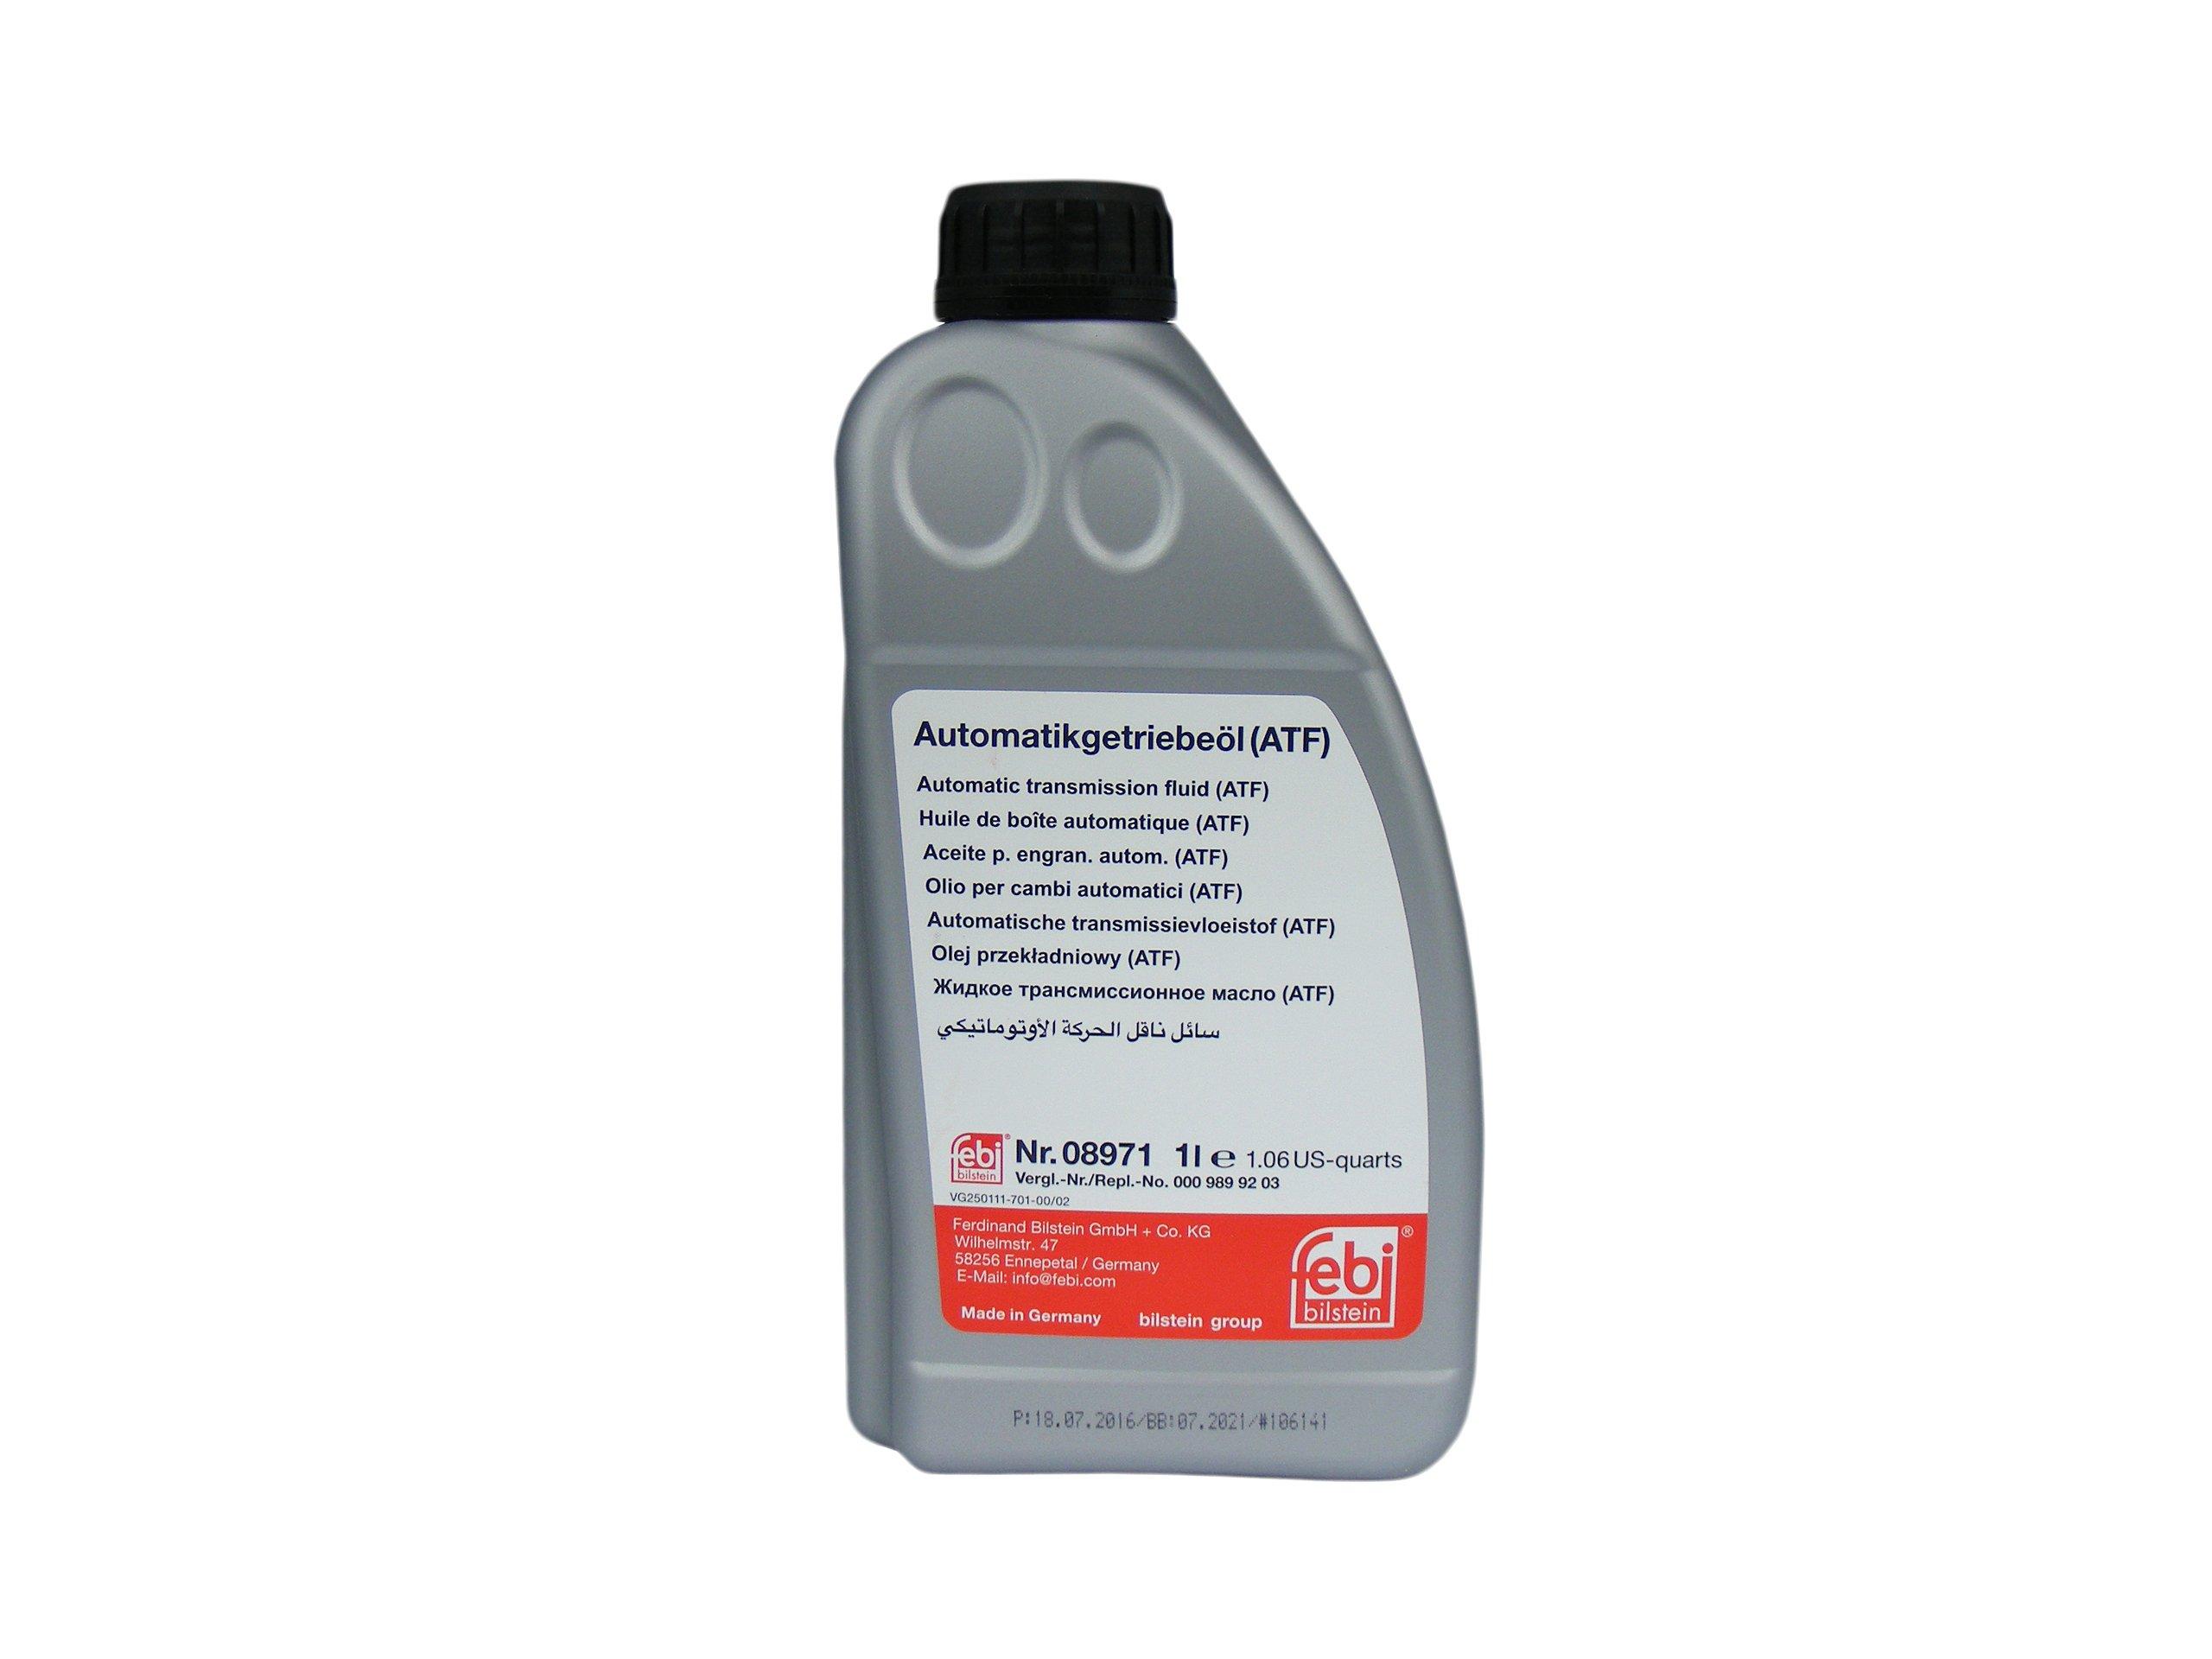 8971F_жидкость гидравлическая! красная 1L для АКПП ATF Dexron IID\ MB, Opel